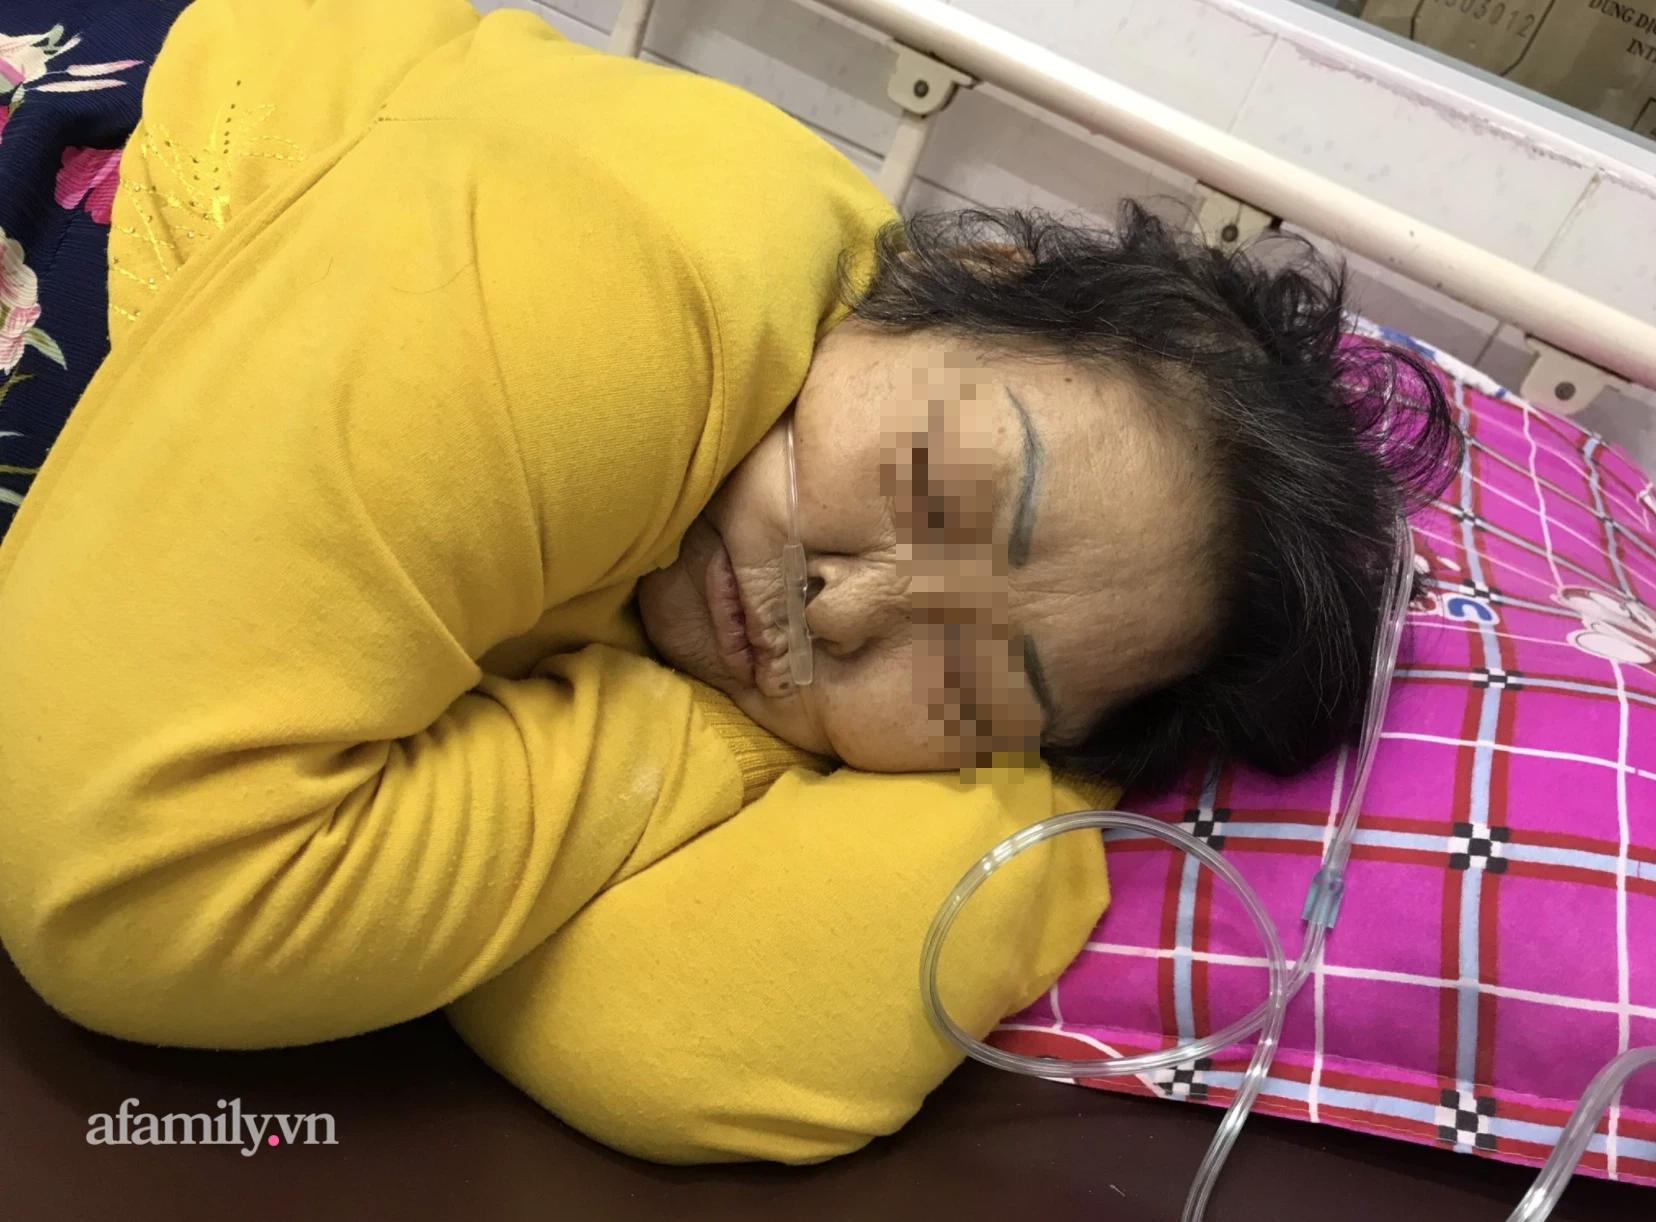 TP.HCM: Chị gái tử vong nhưng em ruột không nhận, bệnh viện phát thông tin khẩn tìm thân nhân - Ảnh 2.